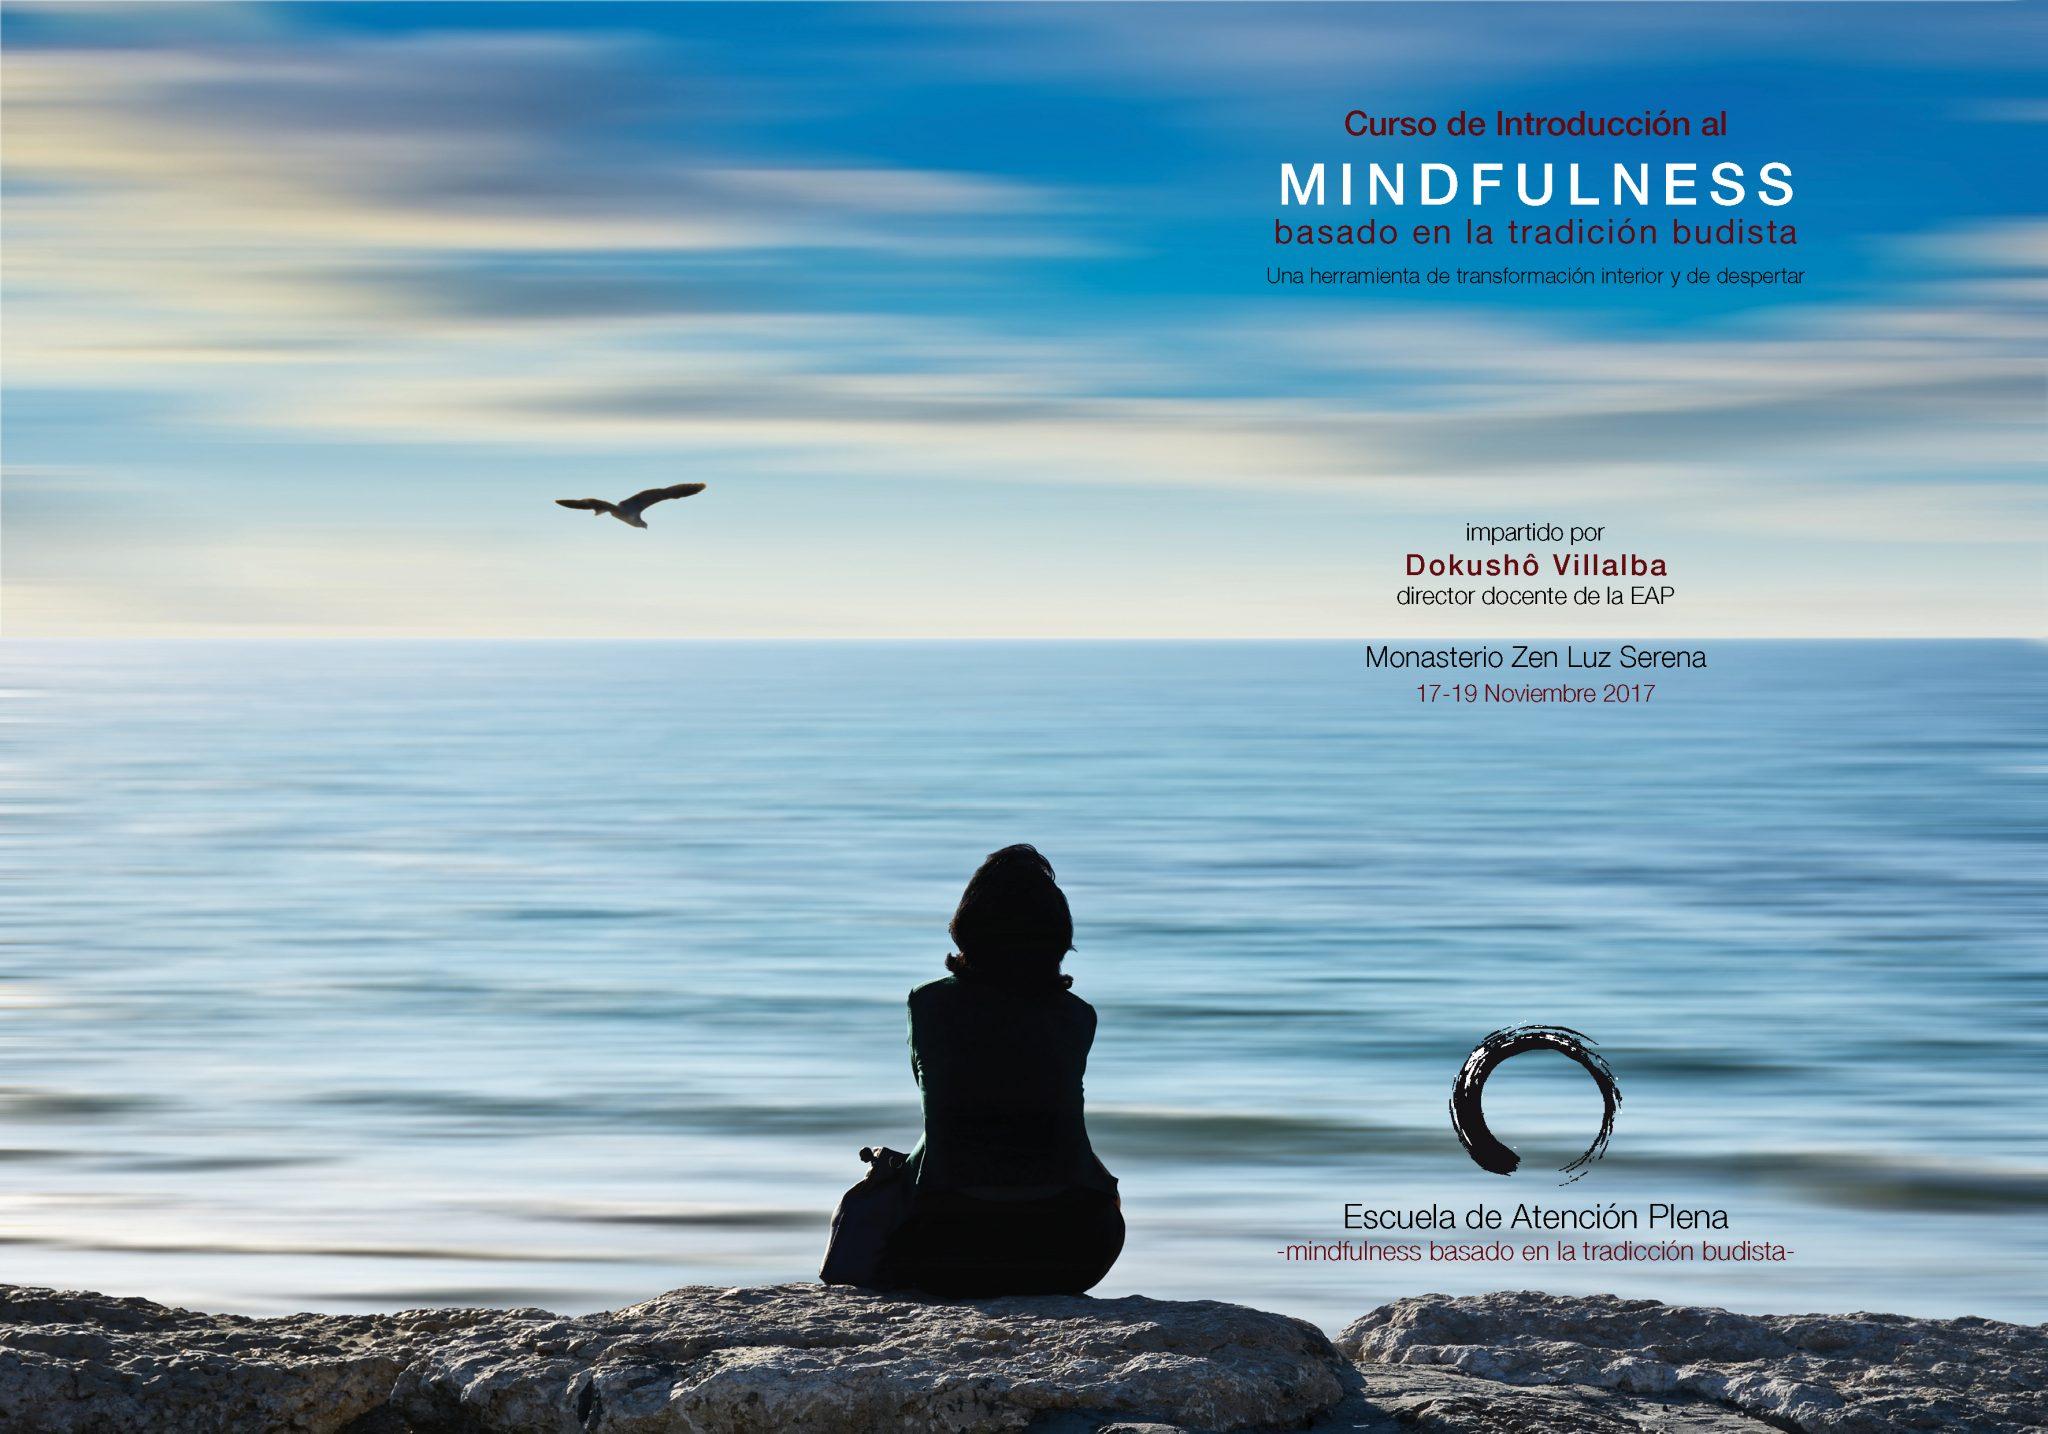 Curso de Introducción al Mindfulness